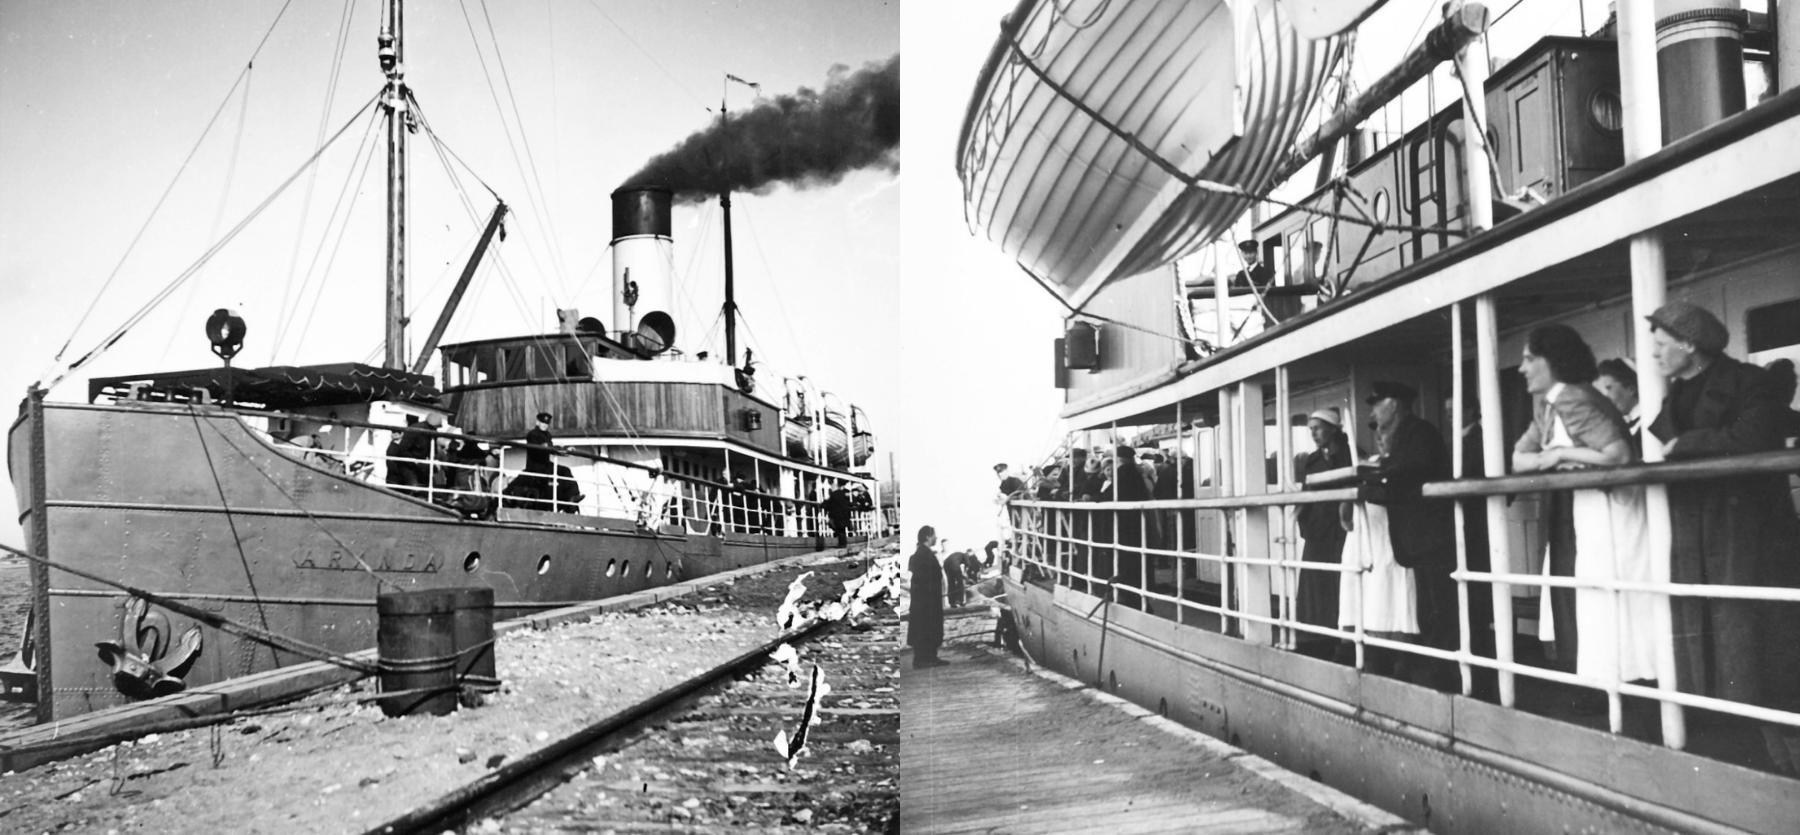 Inkeriläisten siirto Paldiskin satamasta Hankoon tapahtui muun muassa Aranda- ja Suomi-laivoilla. Inkeriläisten sivistyssäätiön kokoelma, kuvat 527 ja 503. CC BY 4.0